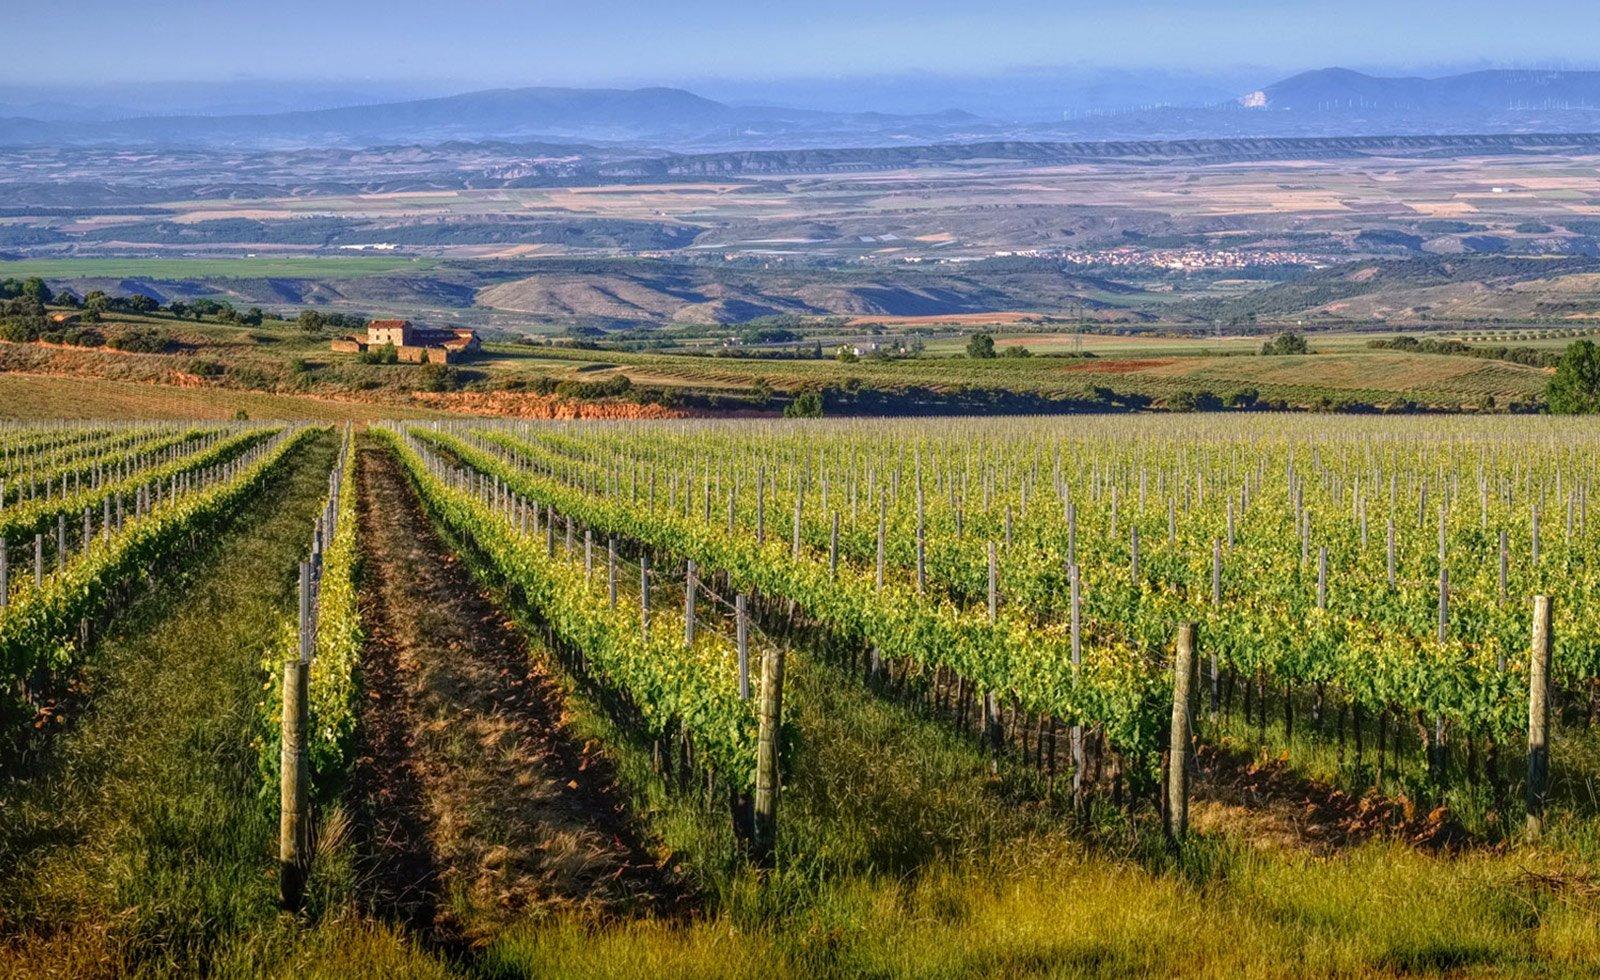 Vista paisaje de viñedos Finca Vistahermosa